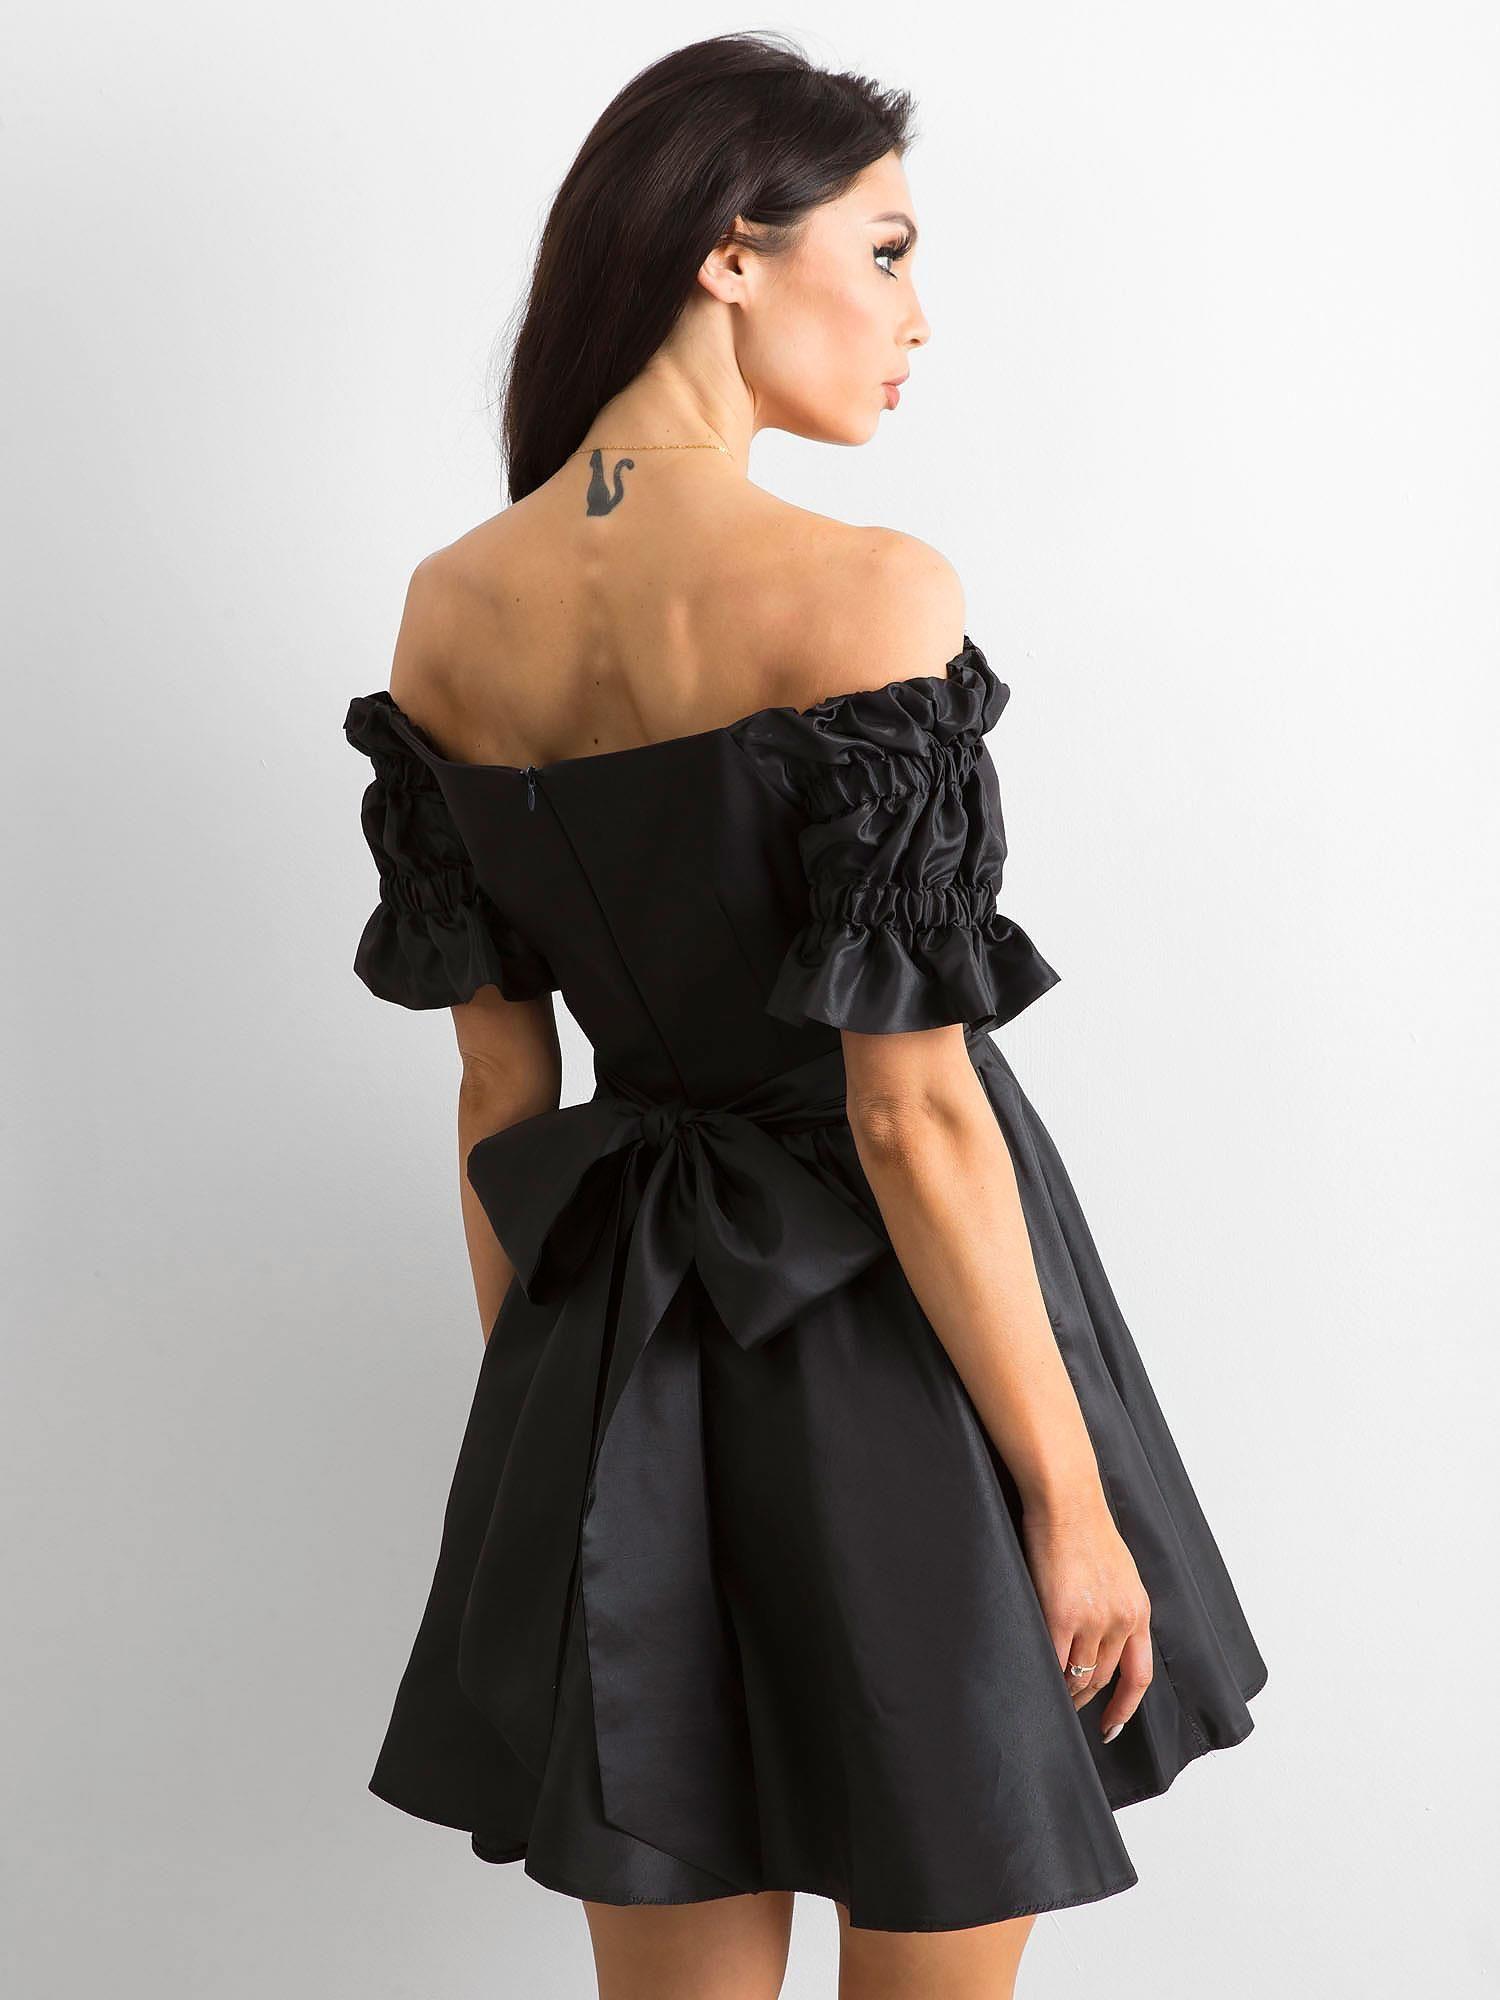 612cb6568 Rozkloszowana sukienka czarna BY O LA LA - Sukienka rozkloszowana - sklep  eButik.pl